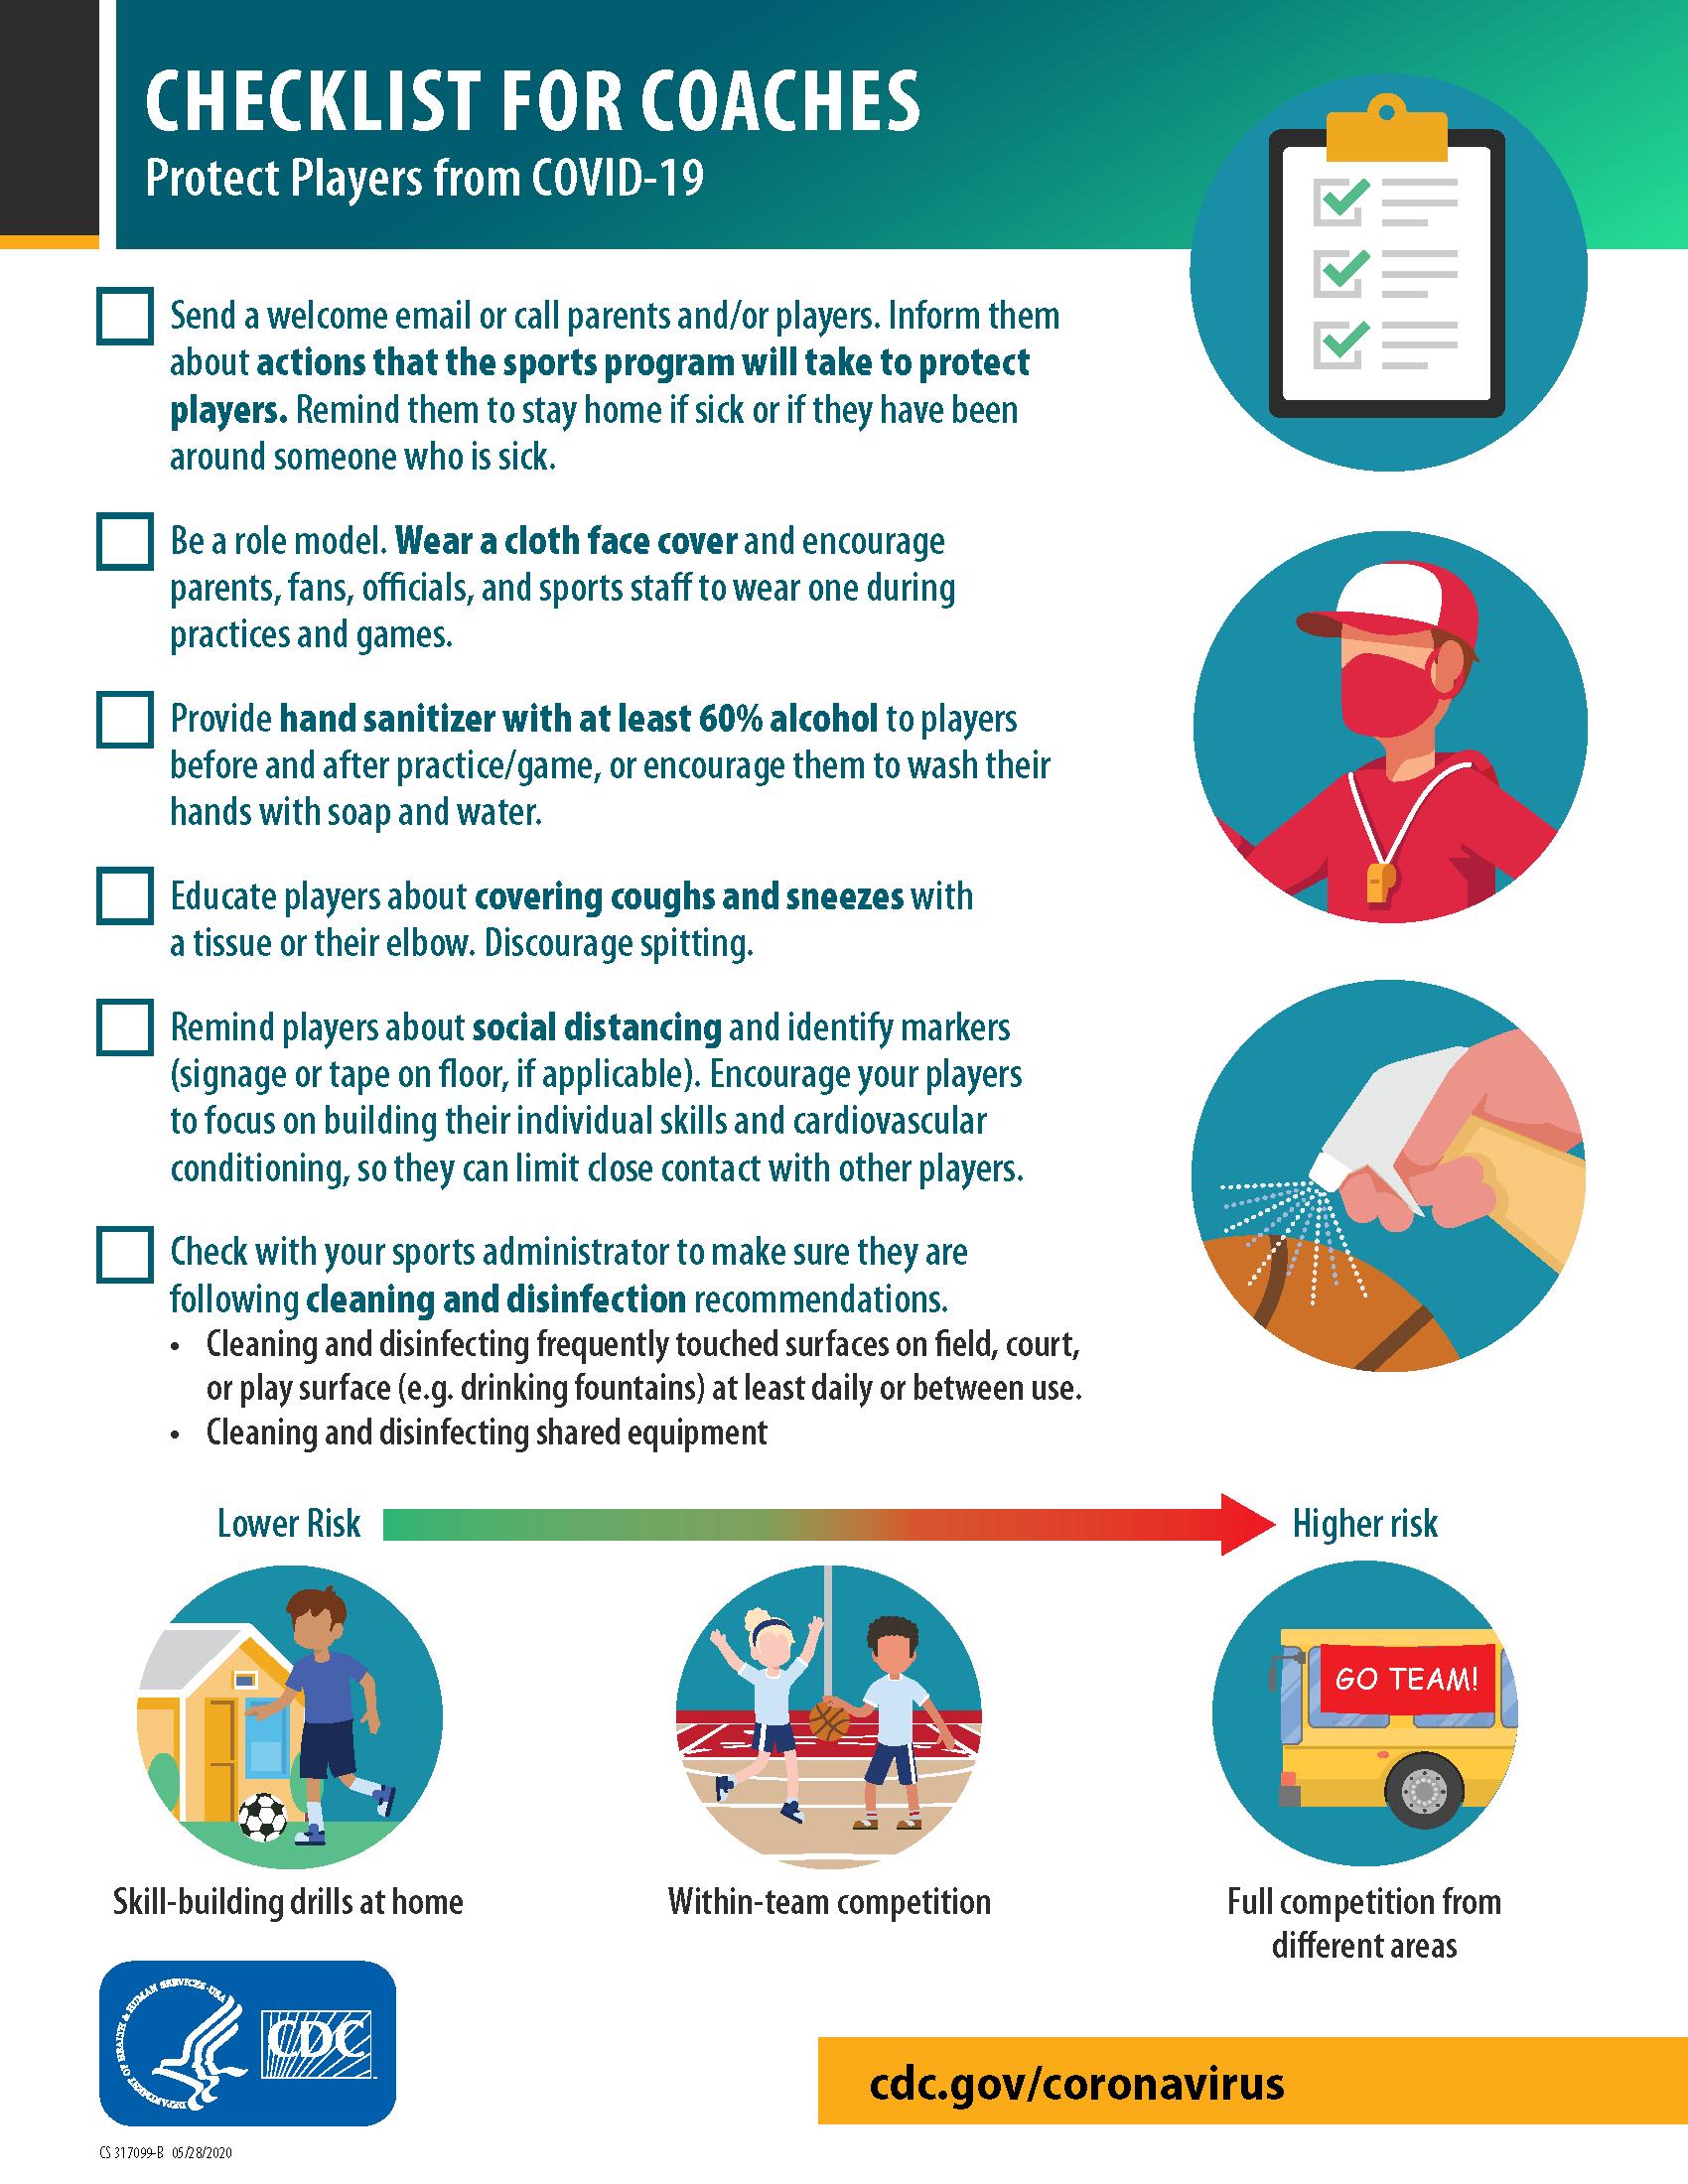 COVID-19 Checklist for Coaches